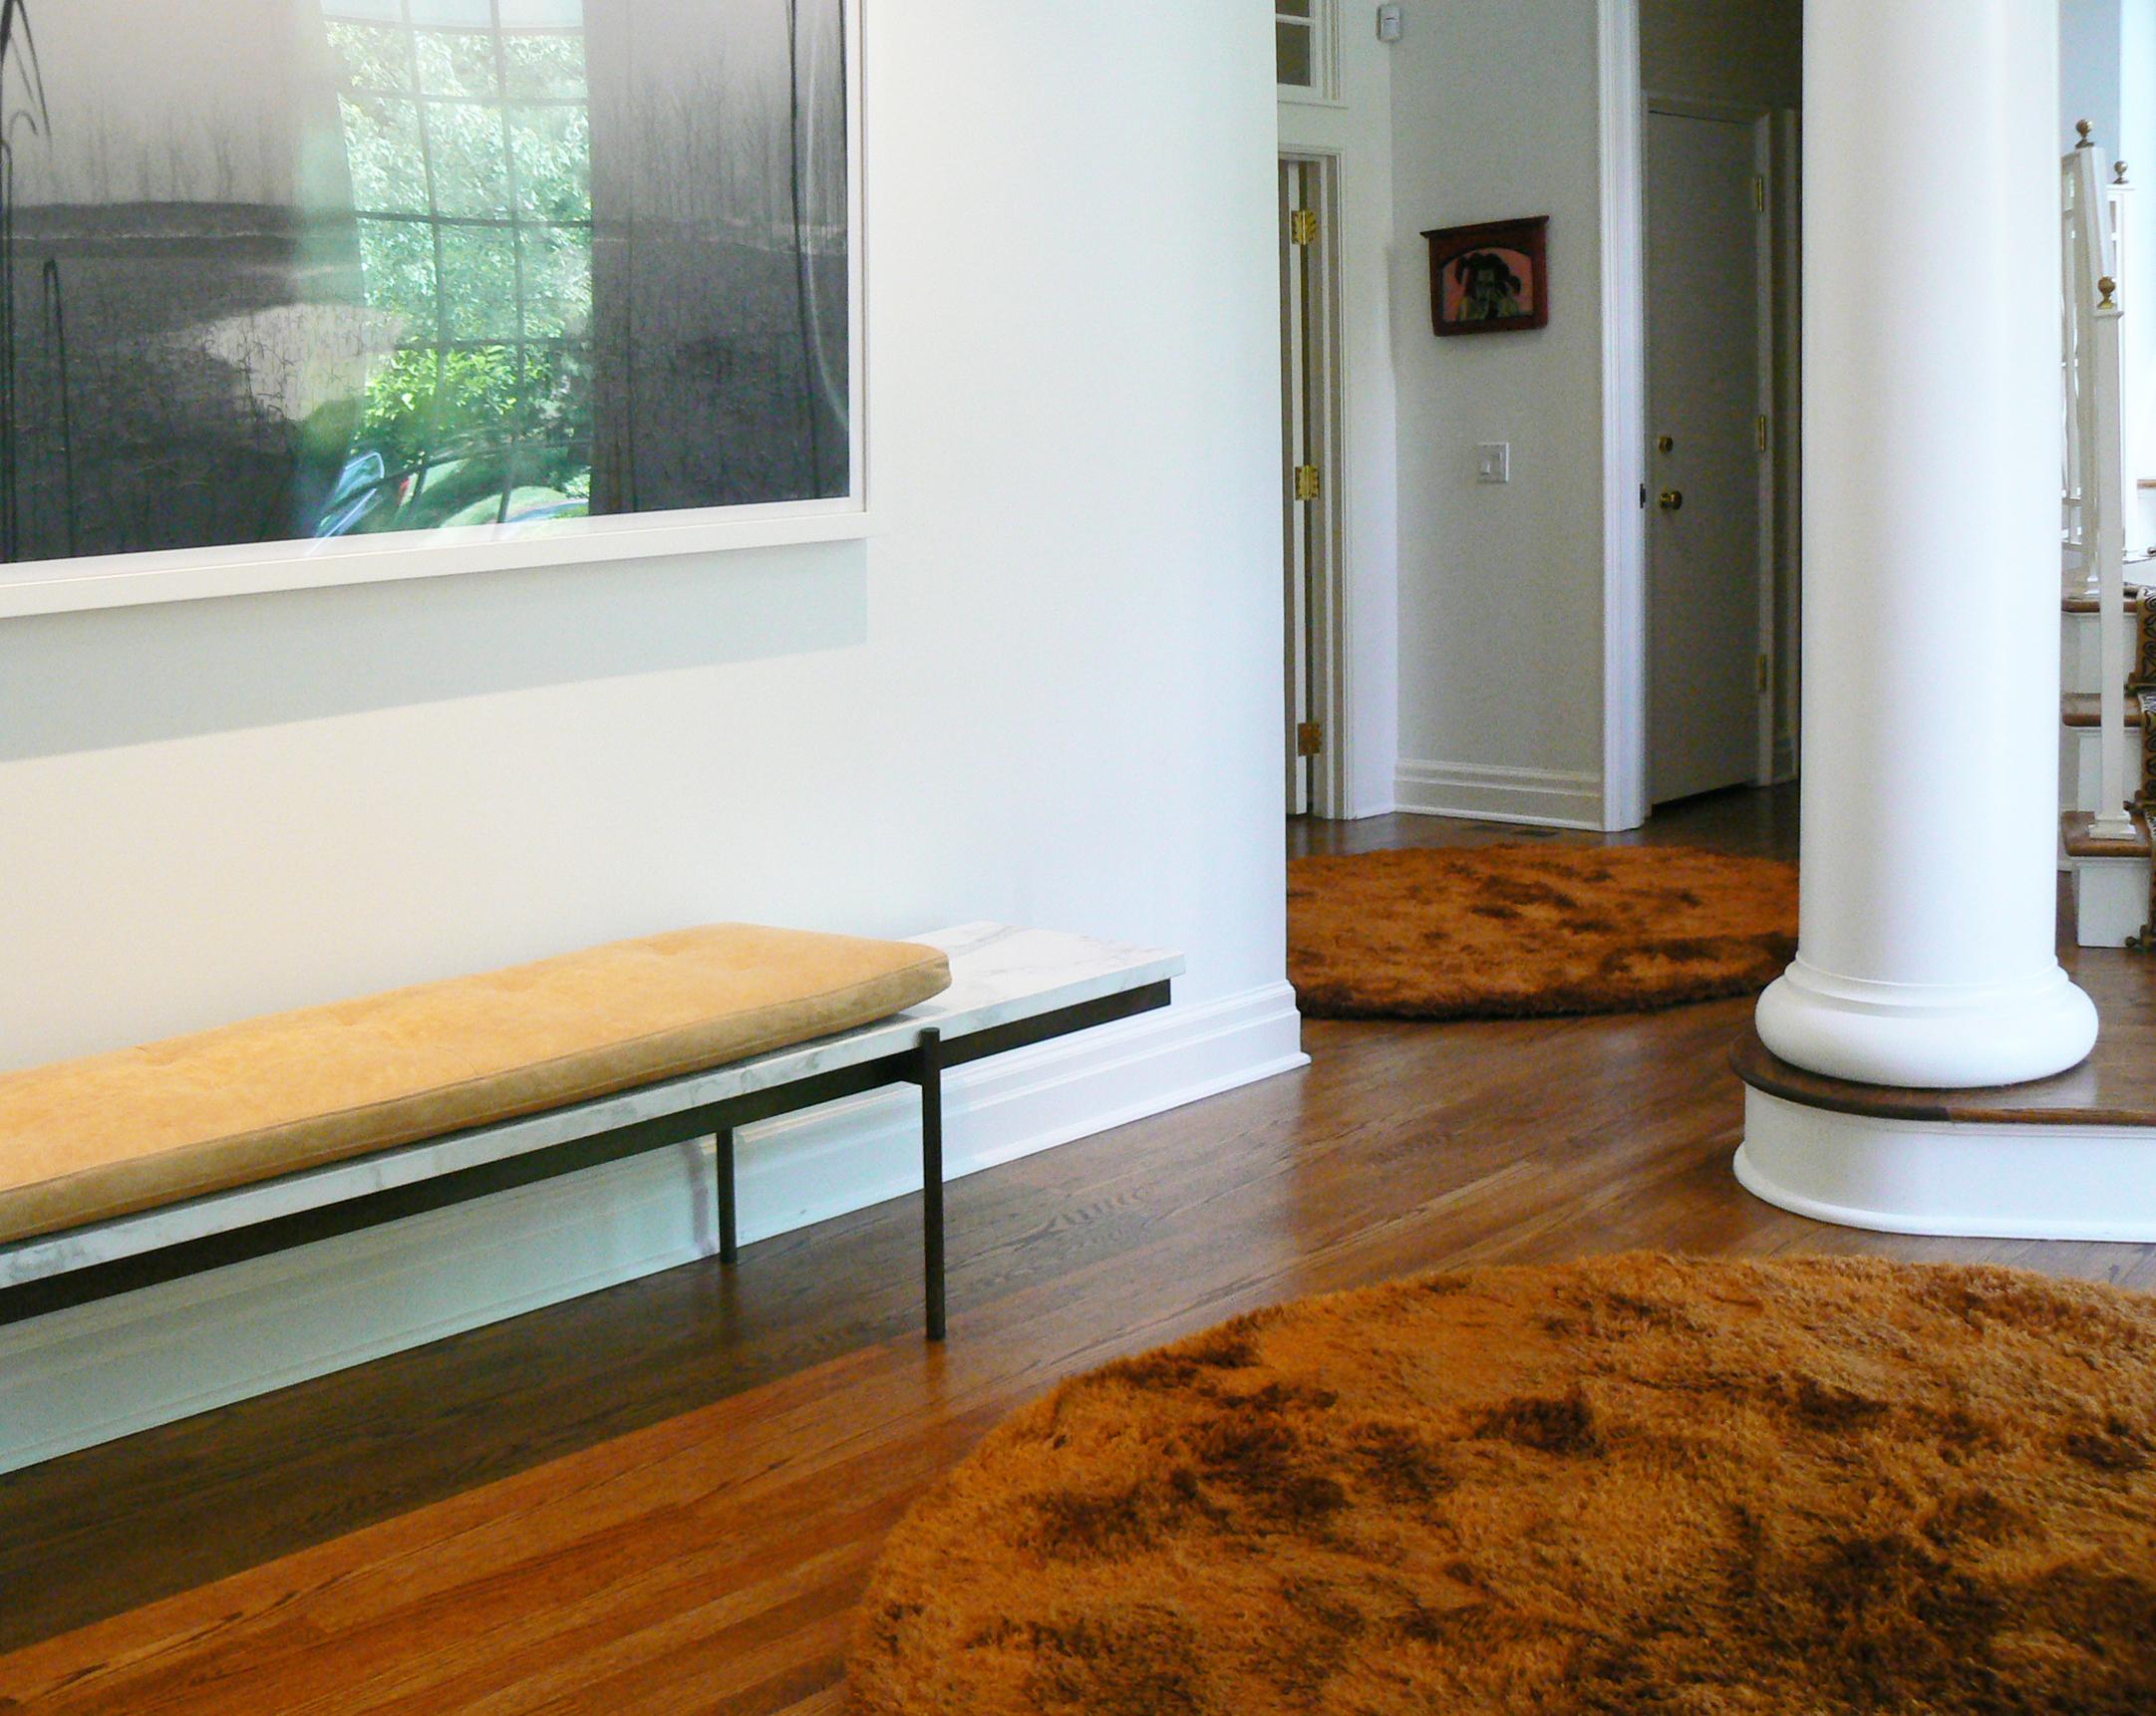 Casalis Galaxy Area rug